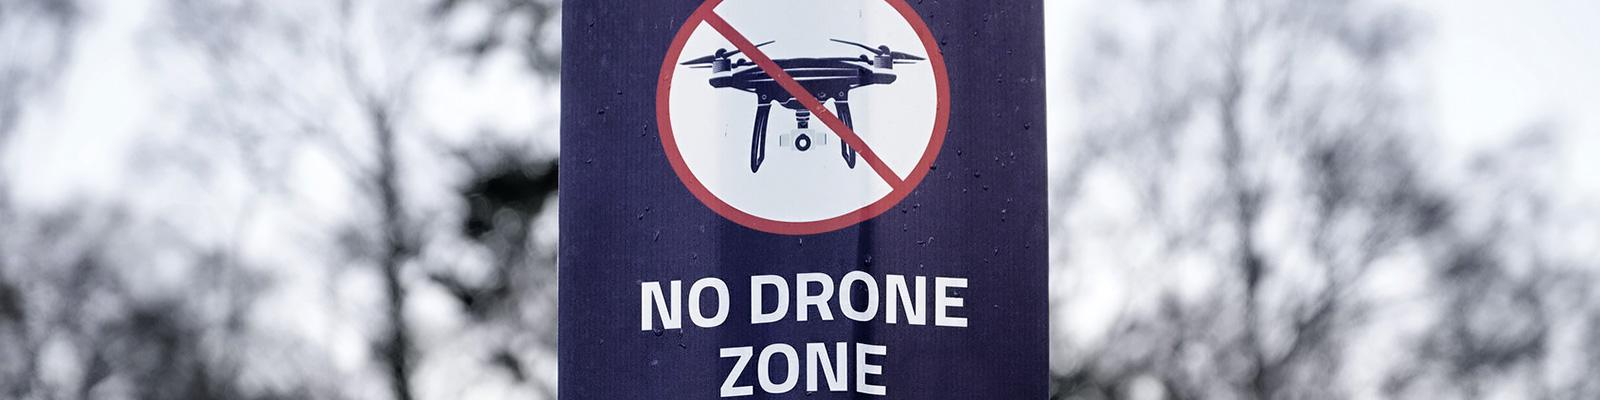 空港 ドローン 禁止 イメージ